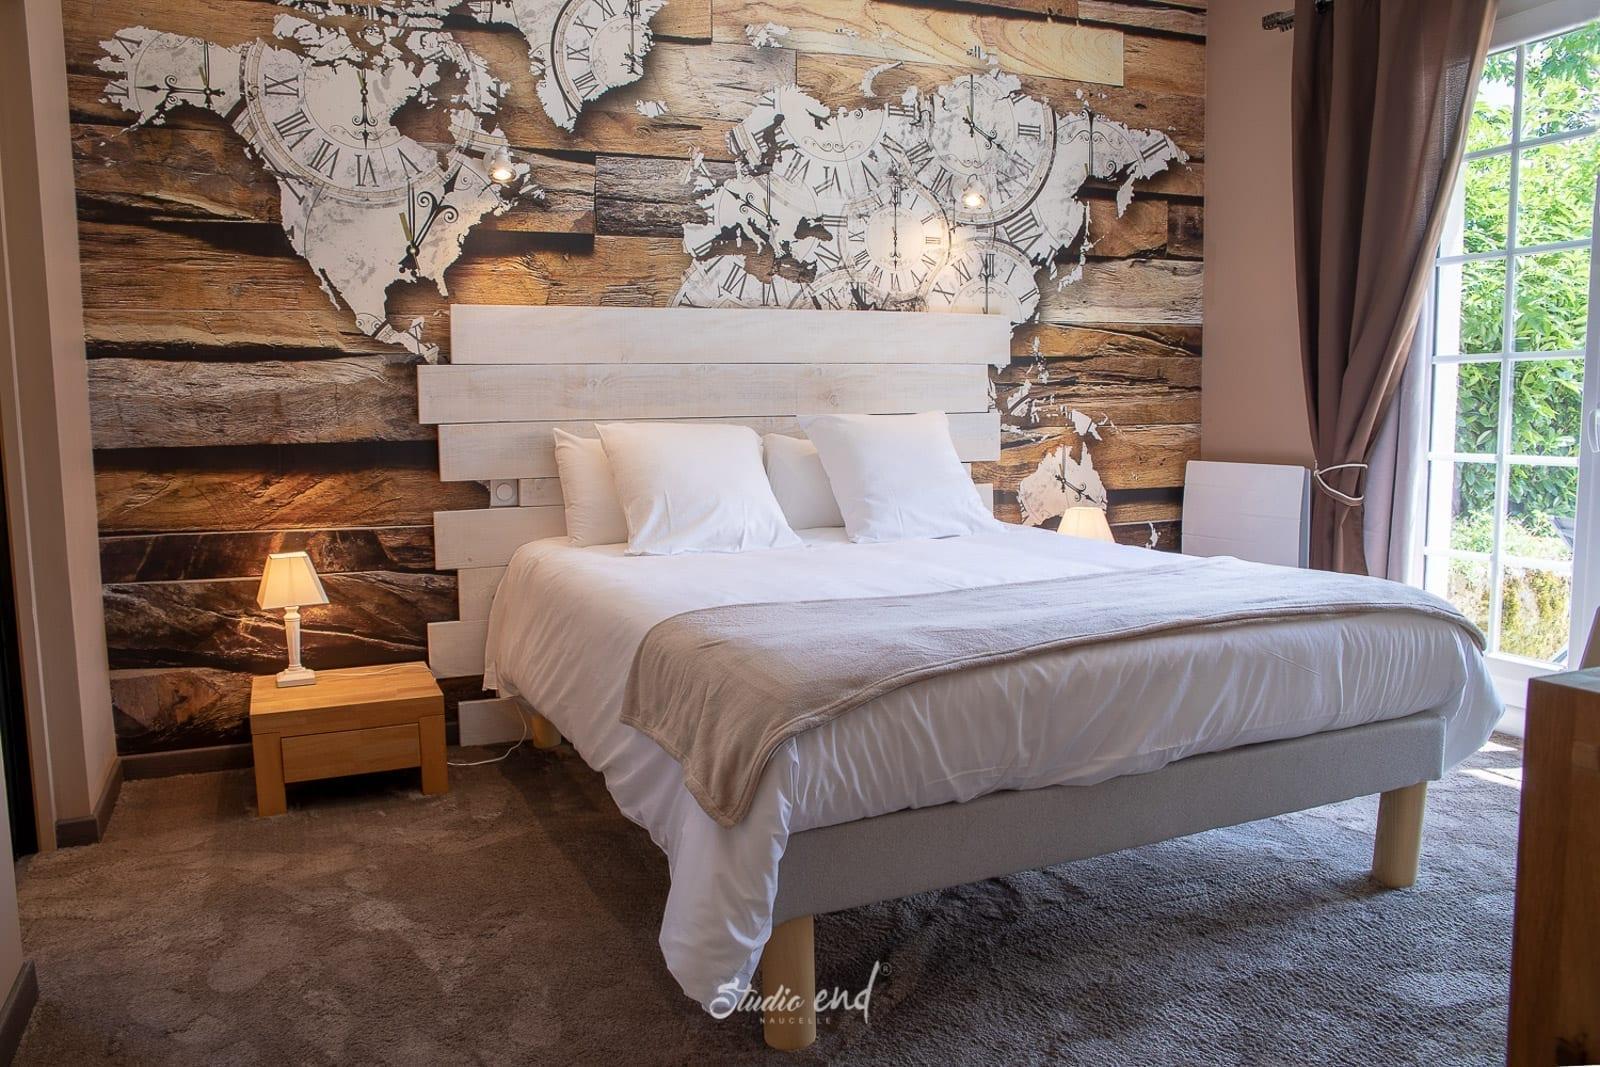 Photo de chambre et établissement hôtelier Studio End photographe Aveyron